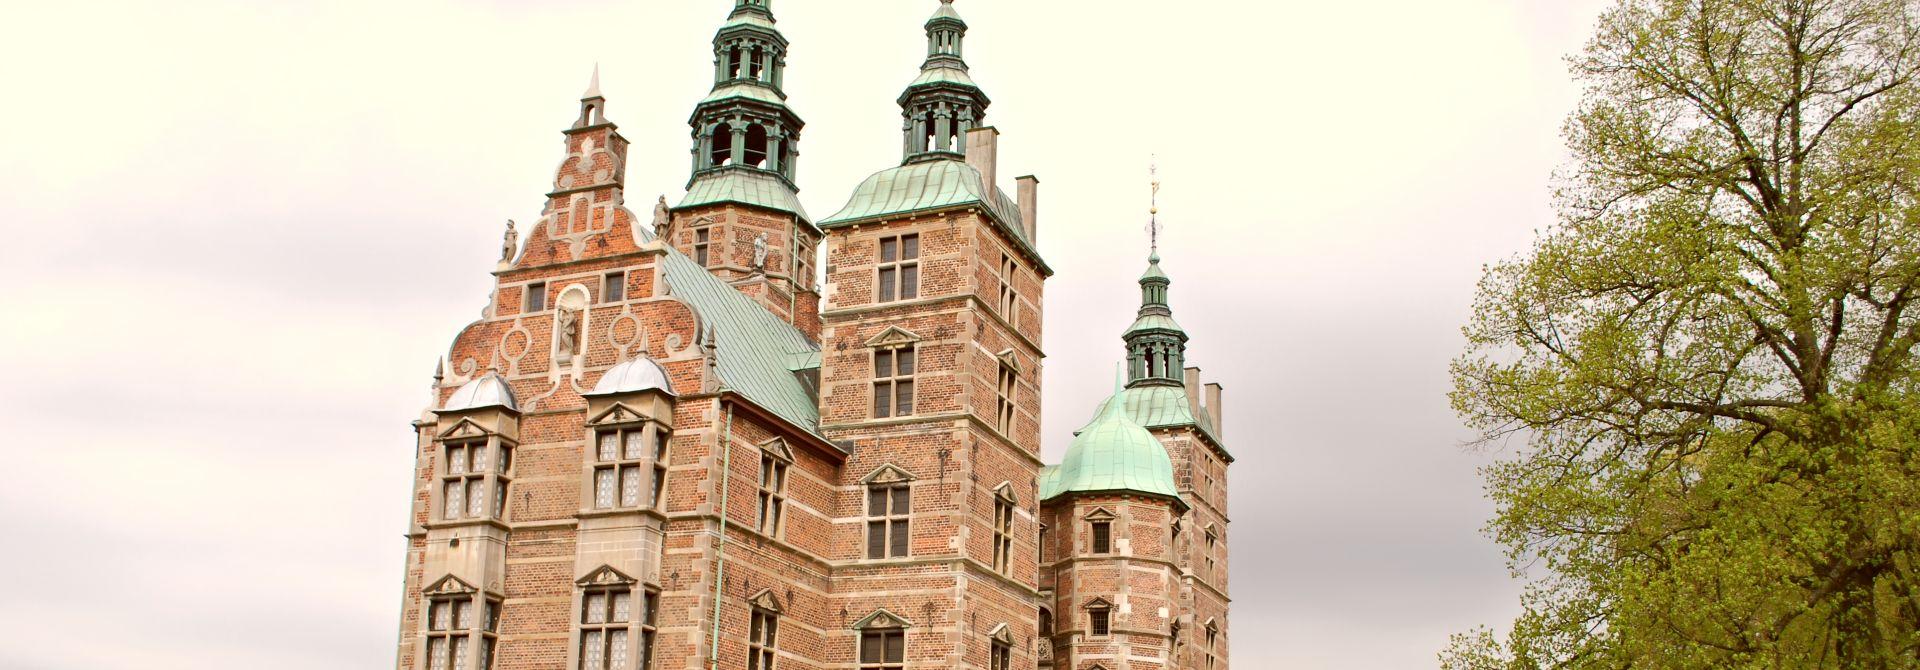 Rosenborg Castle Hero